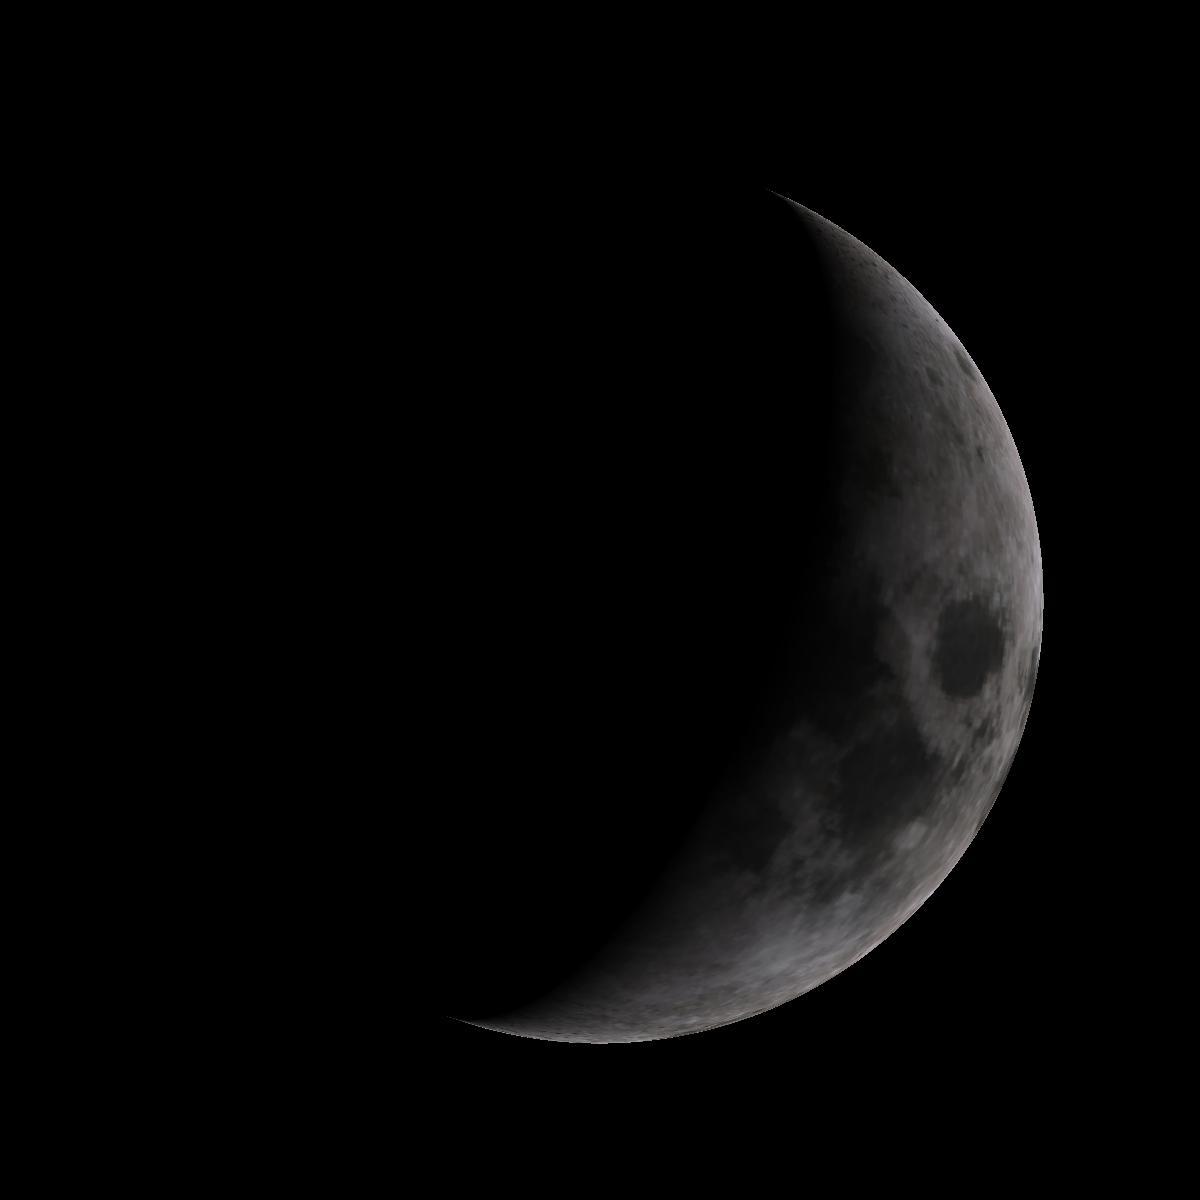 Lune du 1er janvier 2020